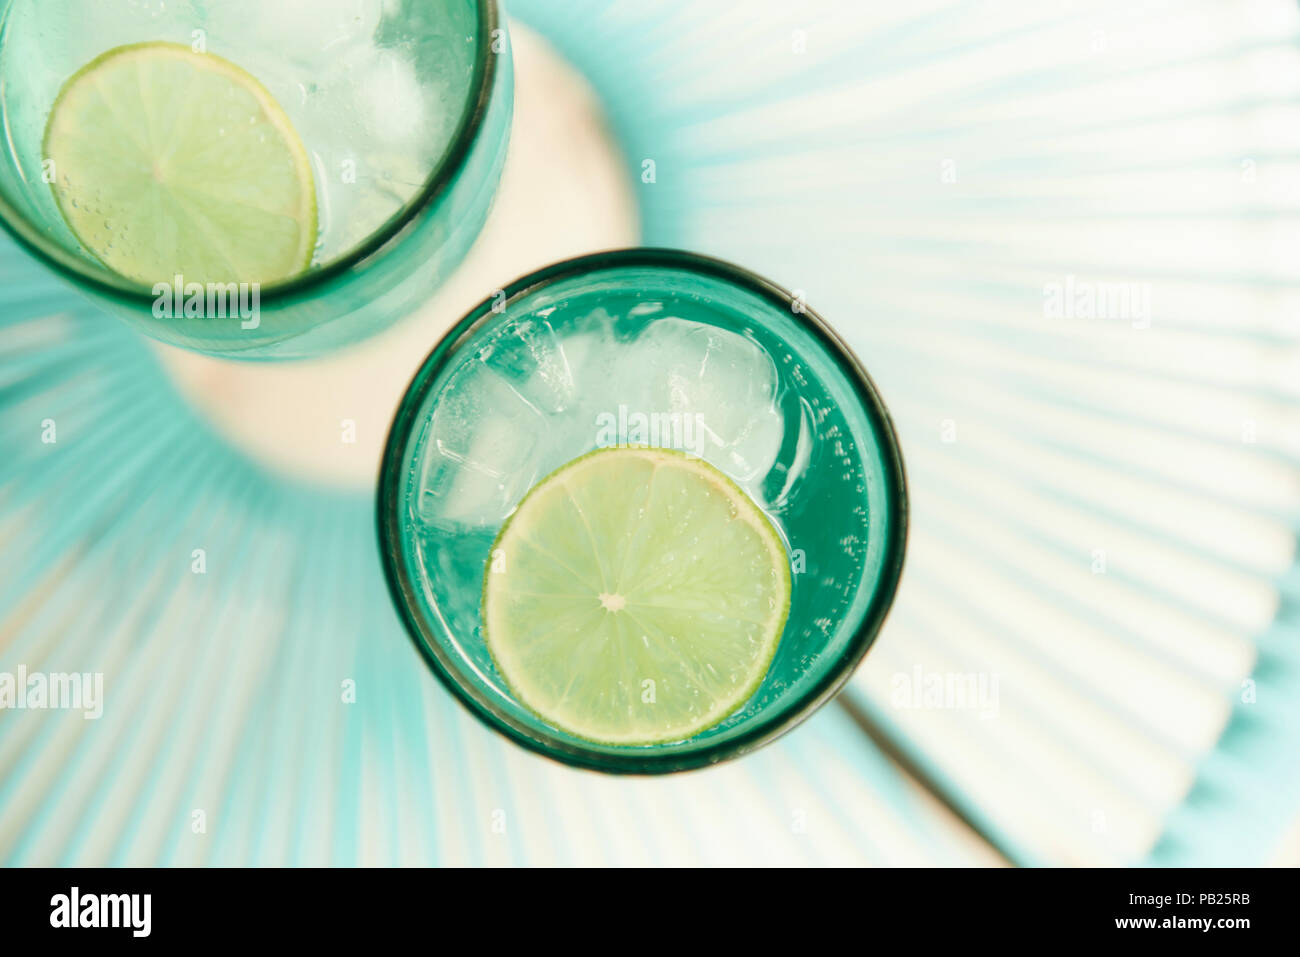 Un couple de boissons gazeuses rafraîchissantes avec tranches de lime en été. Banque D'Images